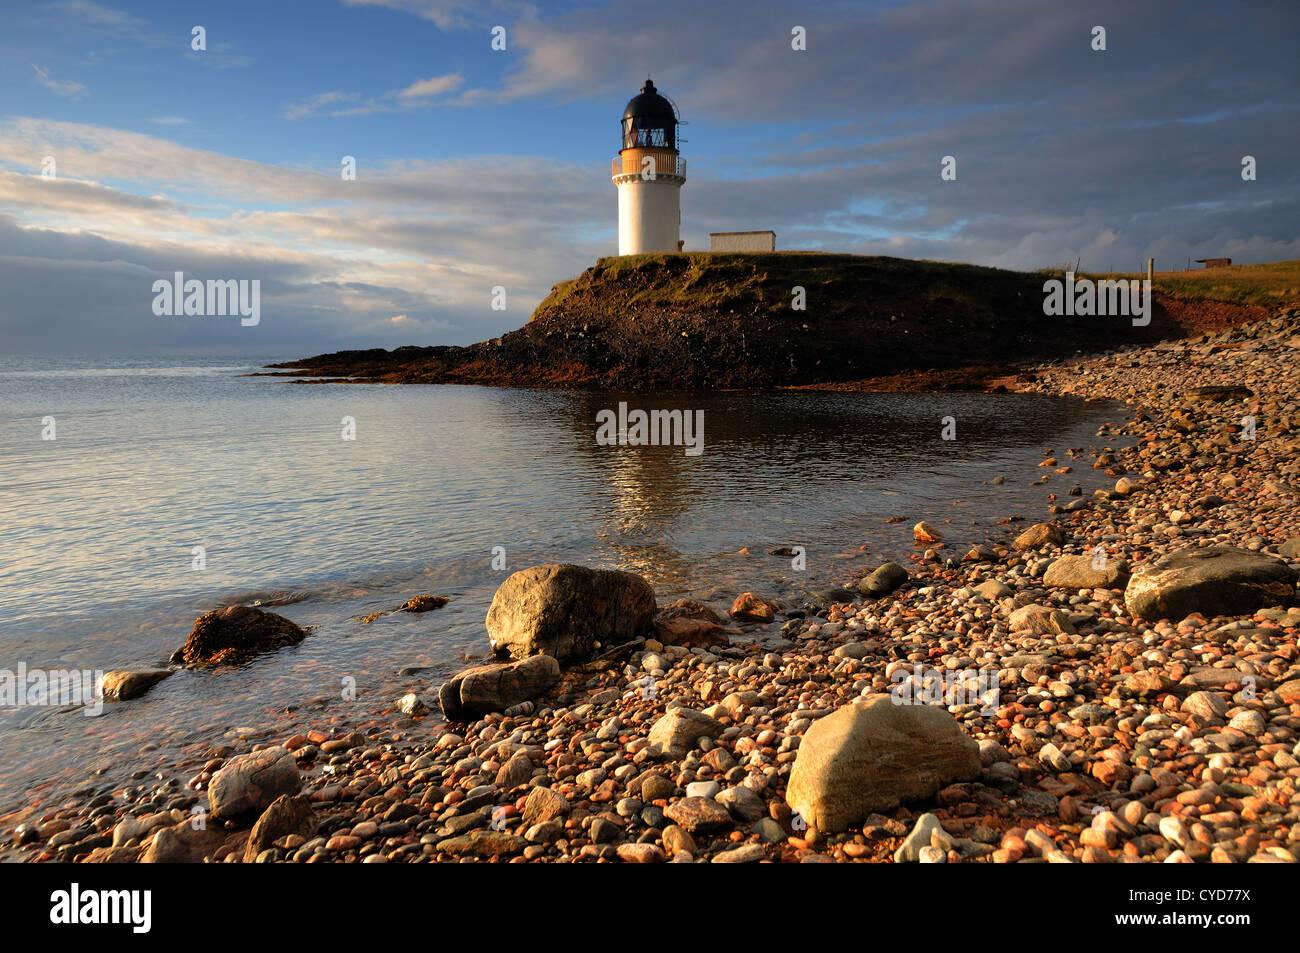 Arnish Point Lighthouse, Stornoway, Isle of Lewis - Stock Image